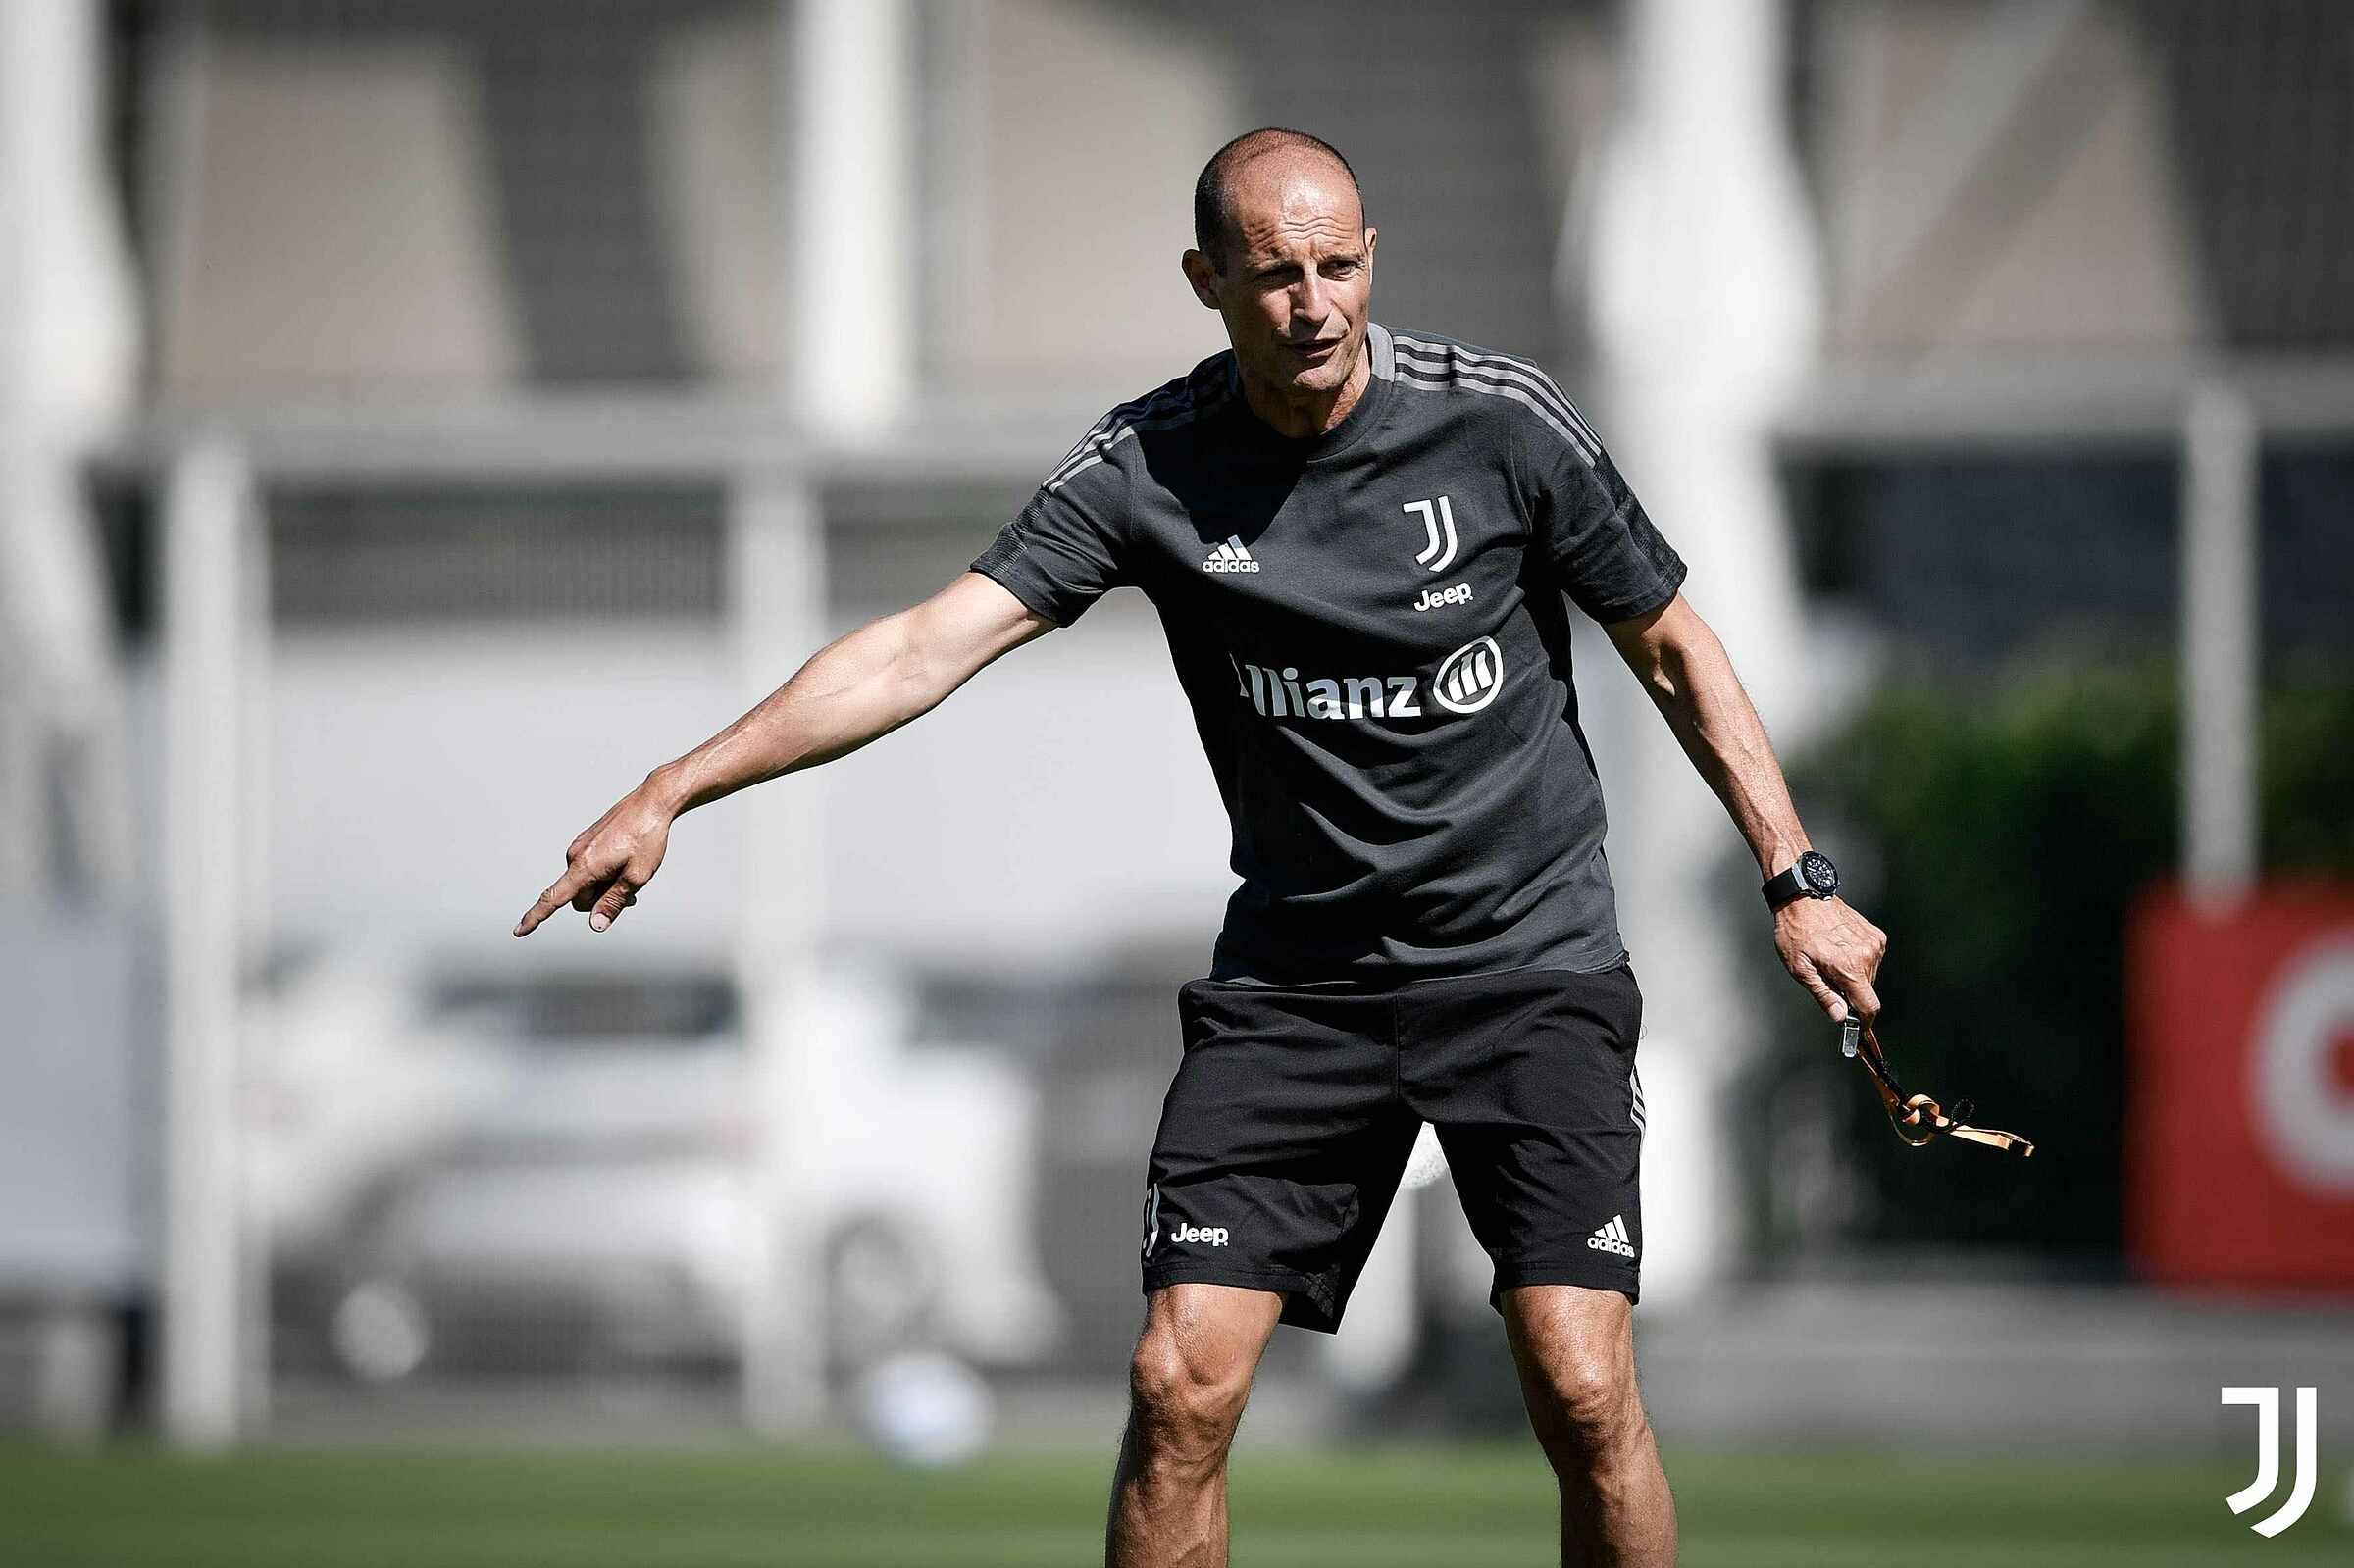 Allegri hiểu rõ Juventus vì từng dẫn dắt CLB năm năm. Ảnh: Juventus FC